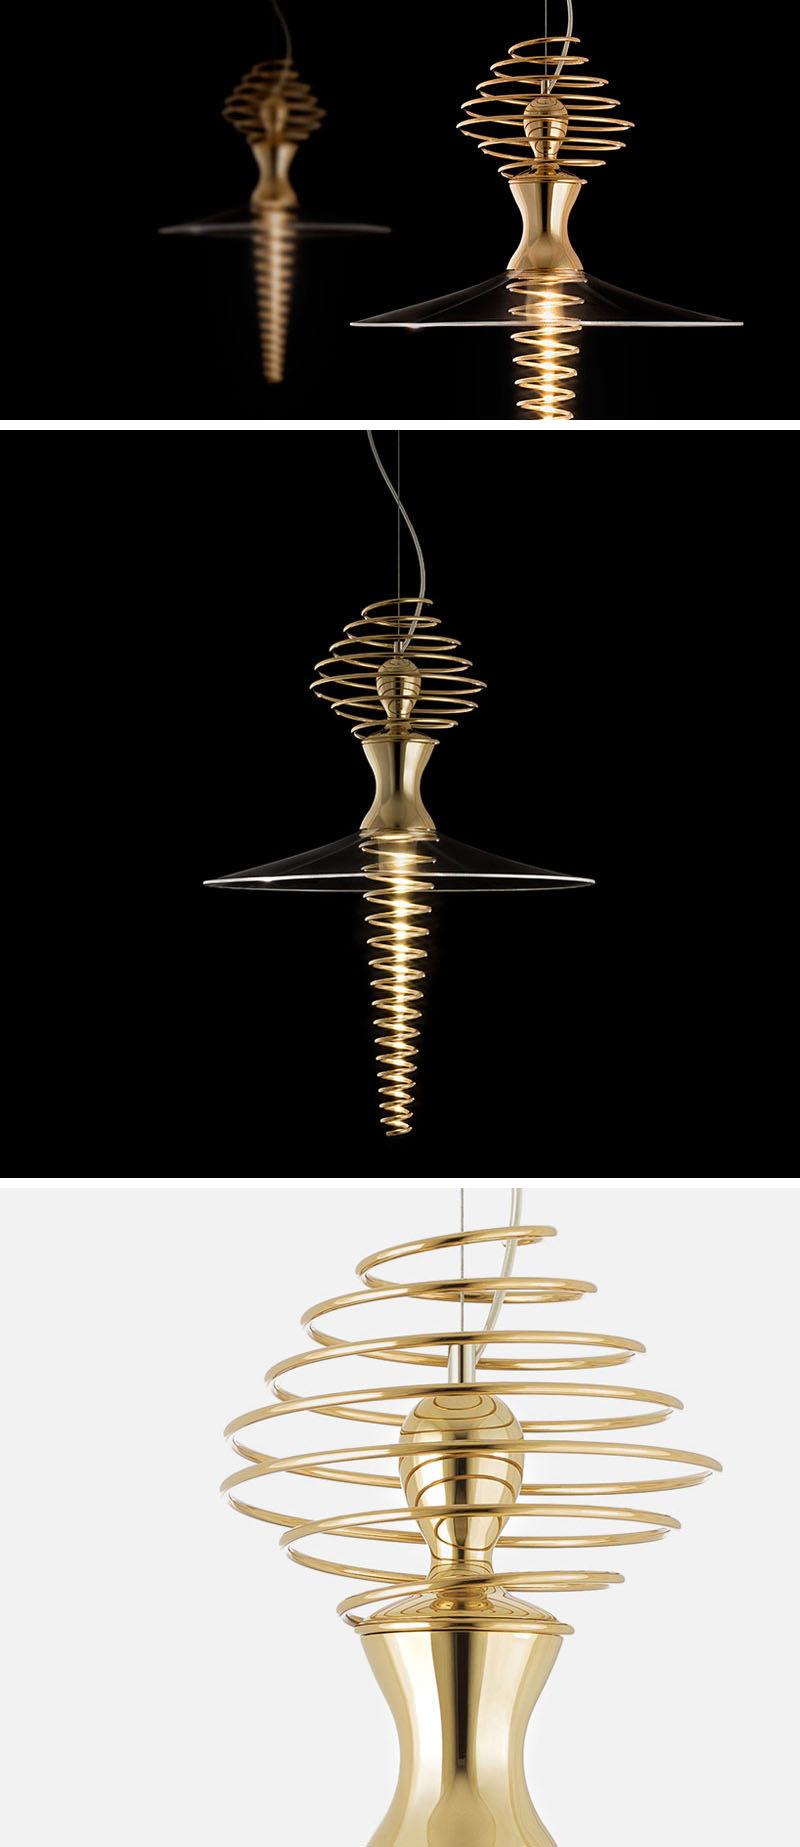 The Mia Ballerina pendant lamp was inspired by the shape of a ballerina when she spins. #ModernLighting #Modern #Lighting #PendantLight #Design